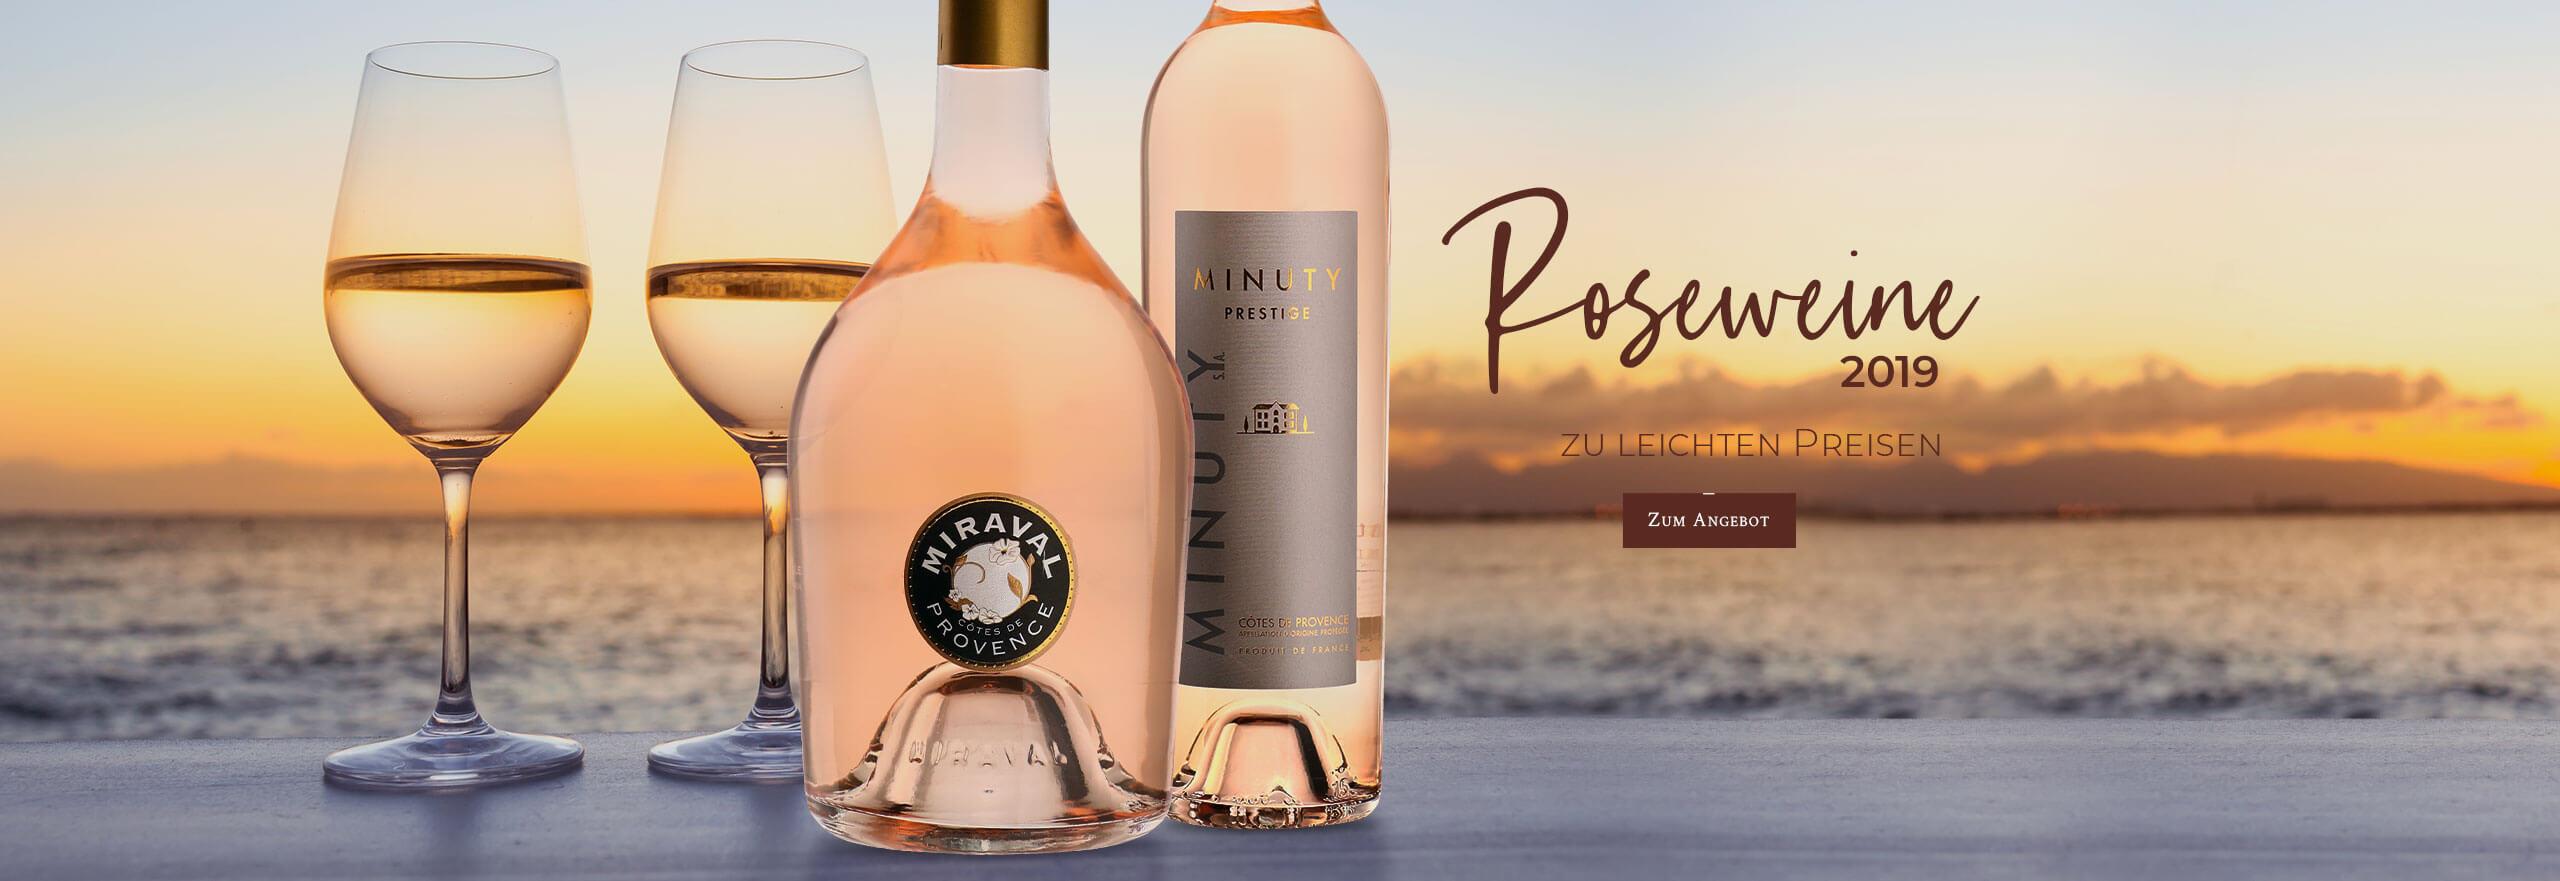 Roseweine zu leichten Preisen!